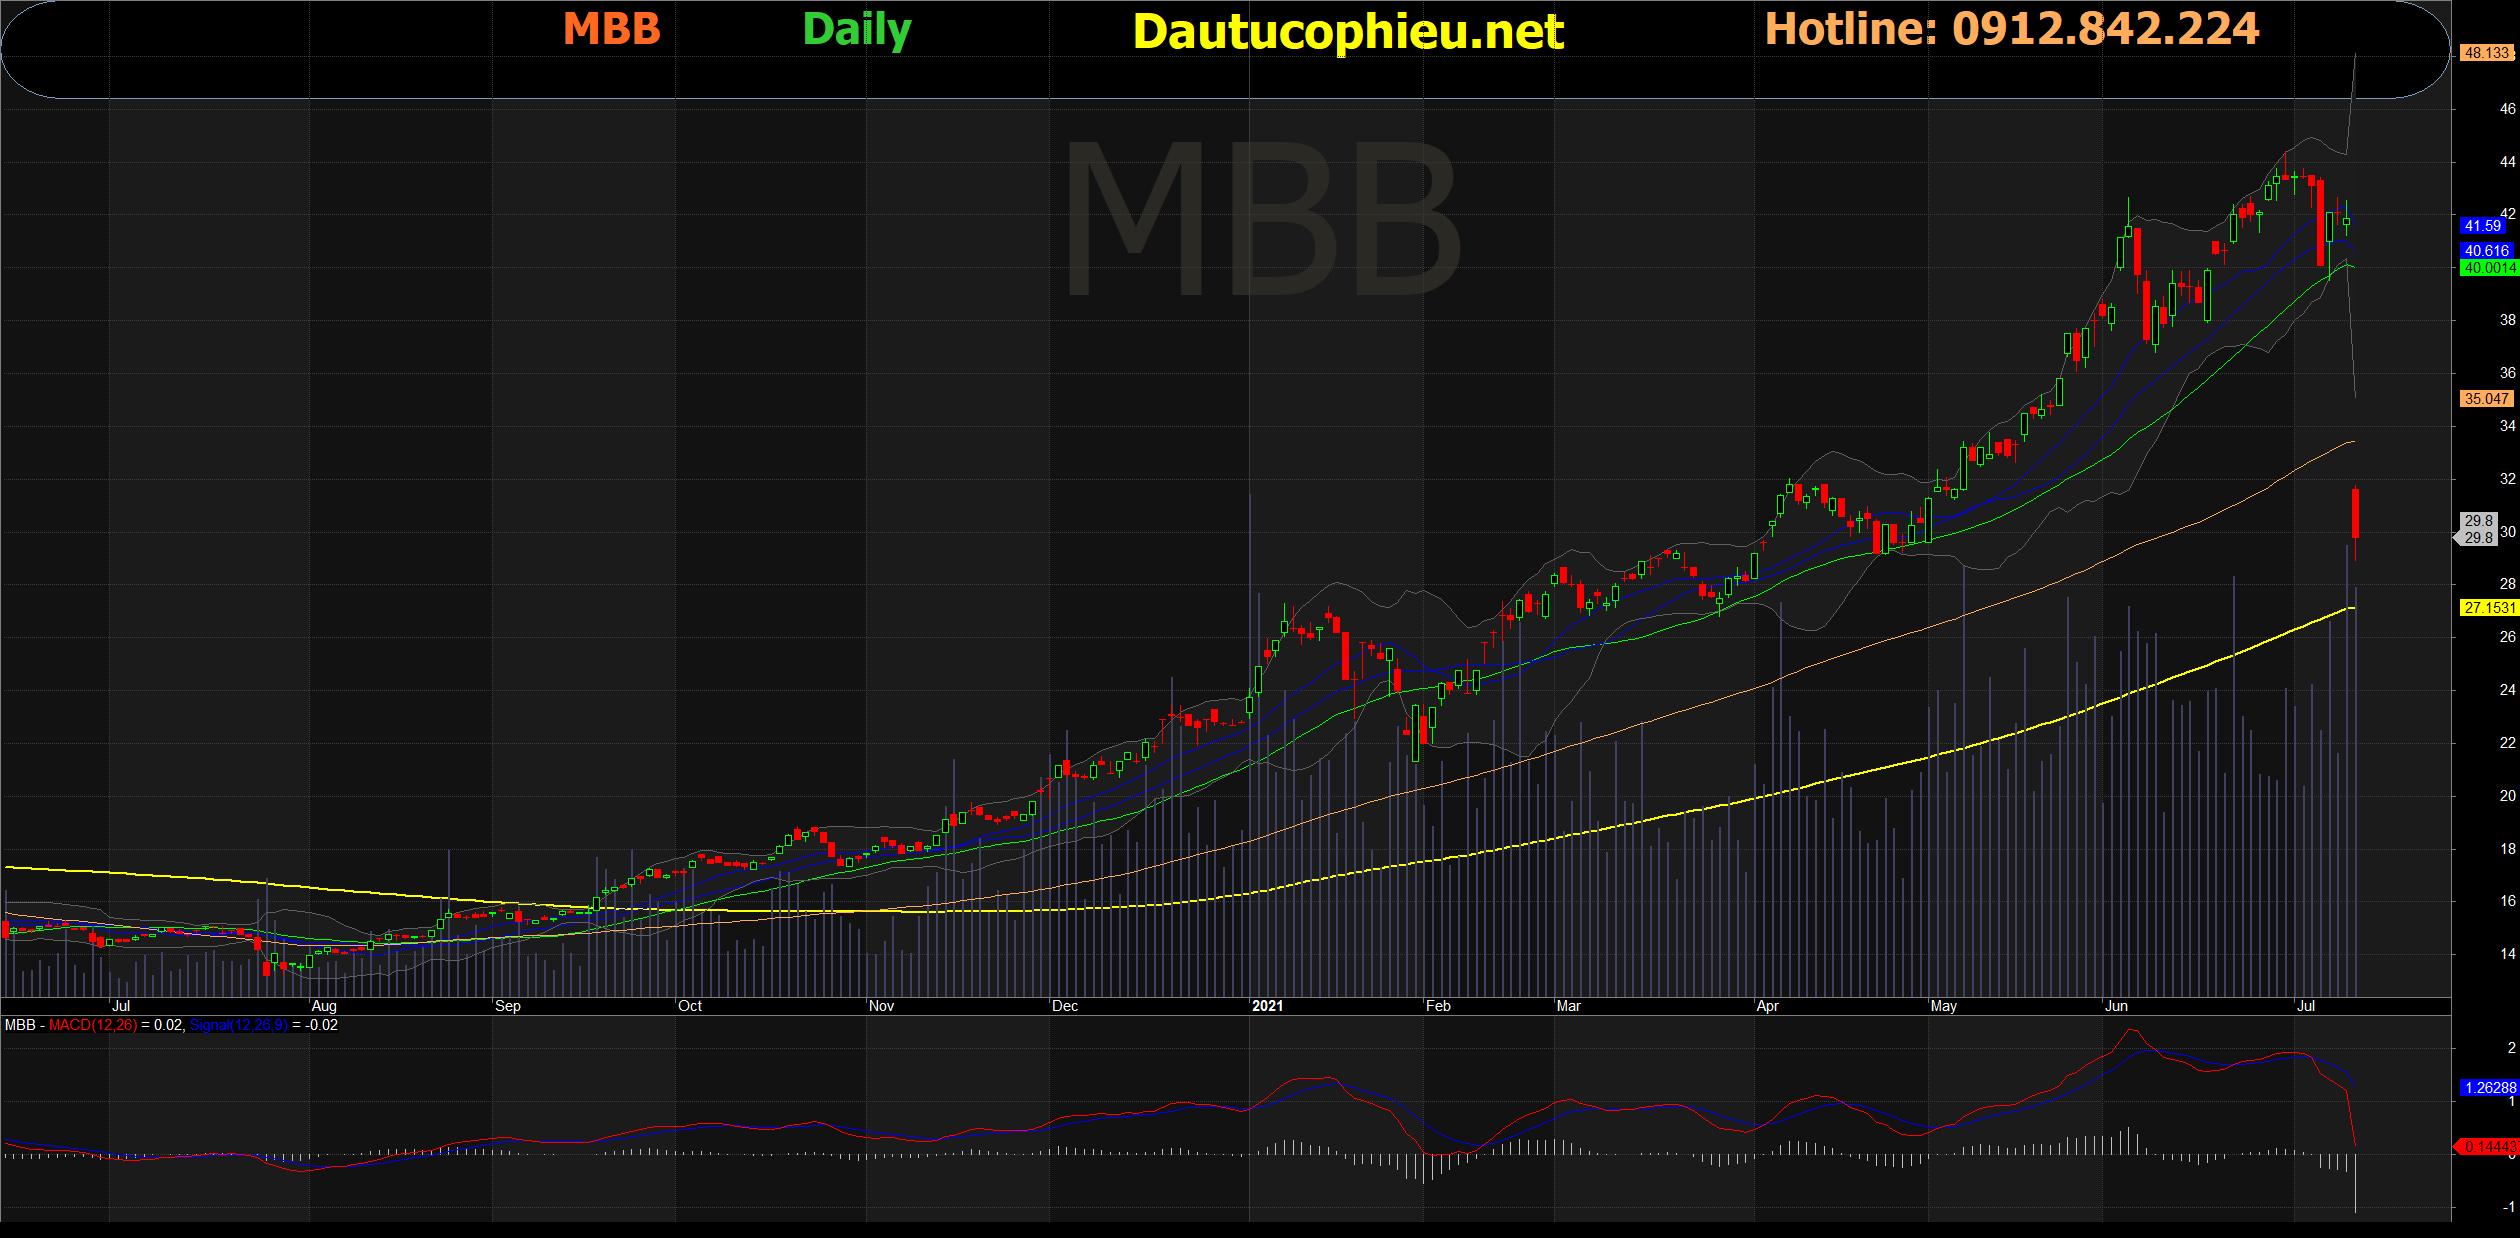 Đồ thị cổ phiếu MBB phiên giao dịch ngày 12/07/2021. Nguồn: AmiBroker